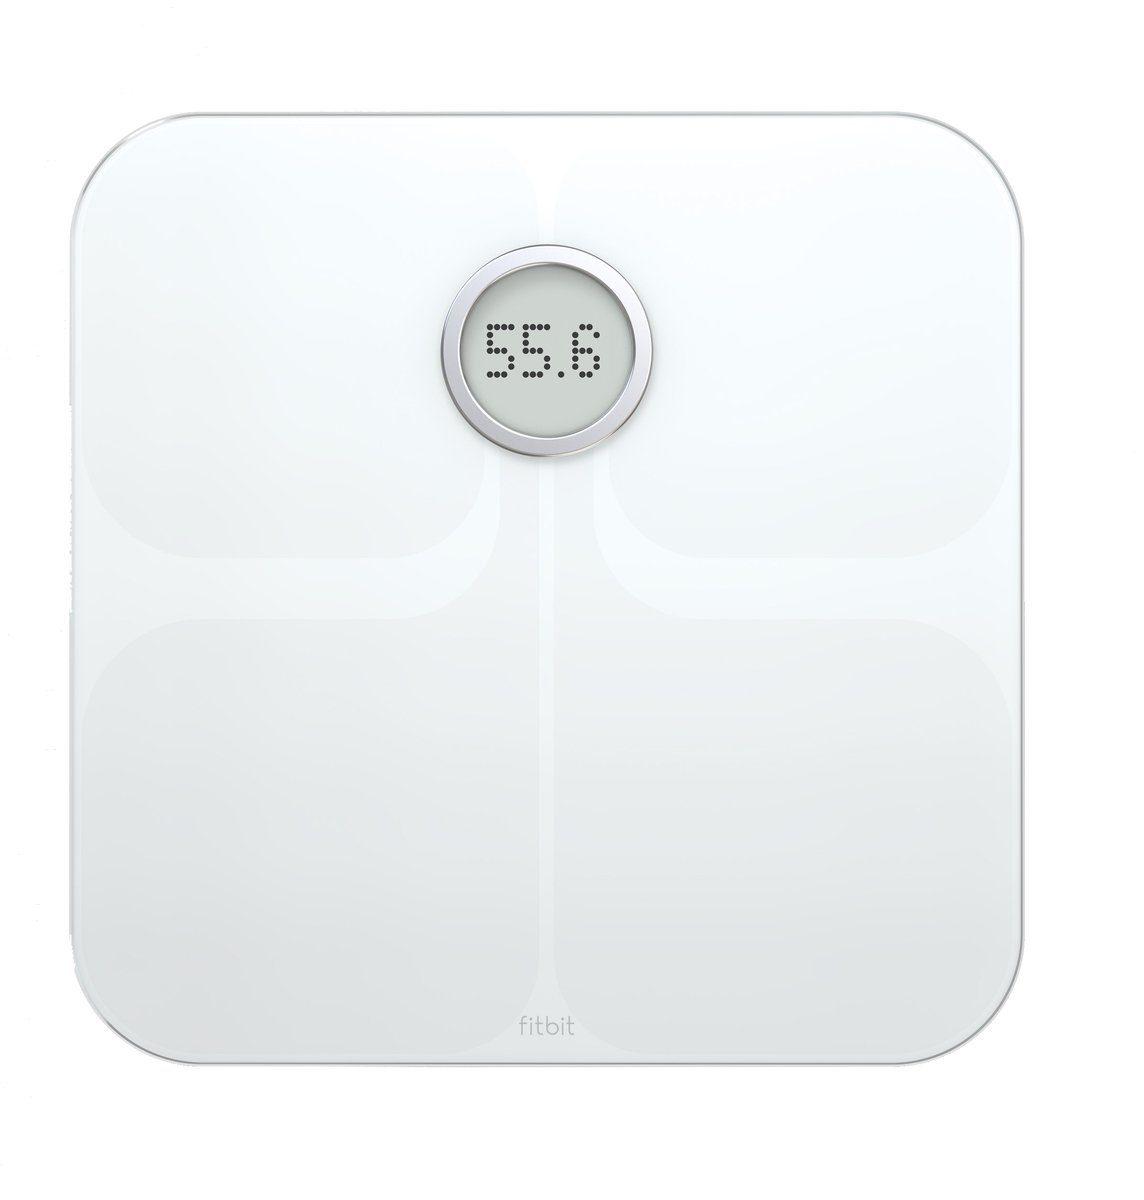 fitbit Waage »Aria - digitale WiFi Personenwaage«